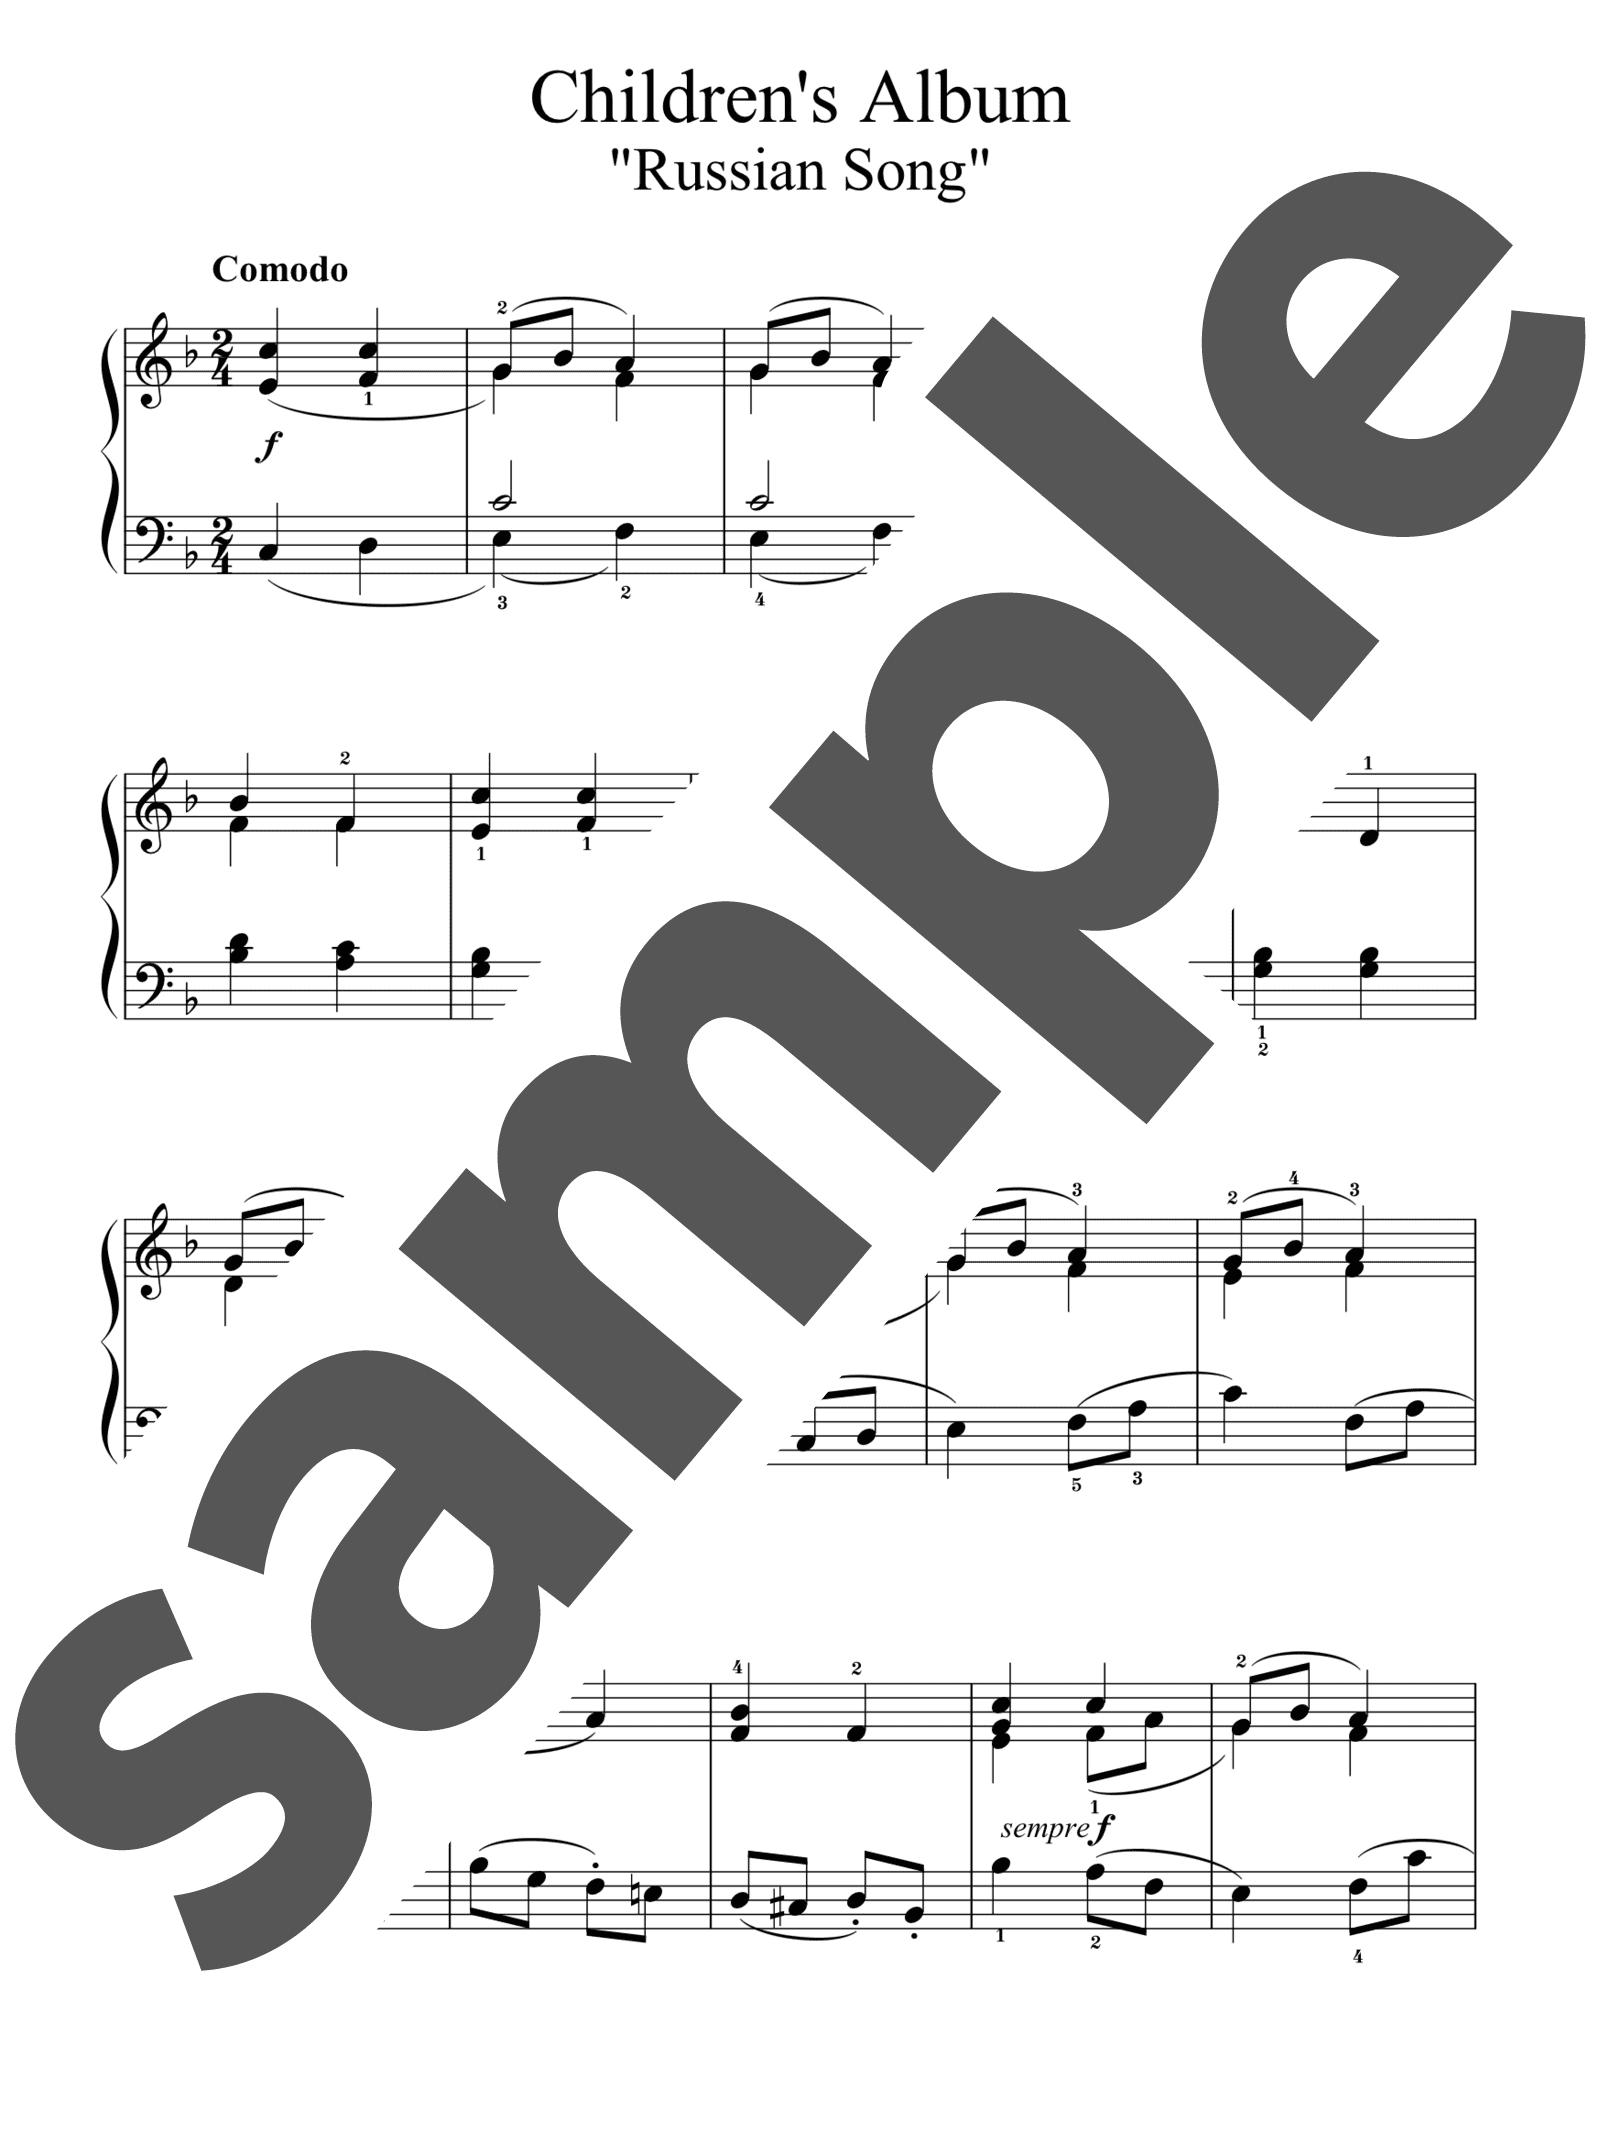 「子供のアルバムより「ロシアの歌」」のサンプル楽譜